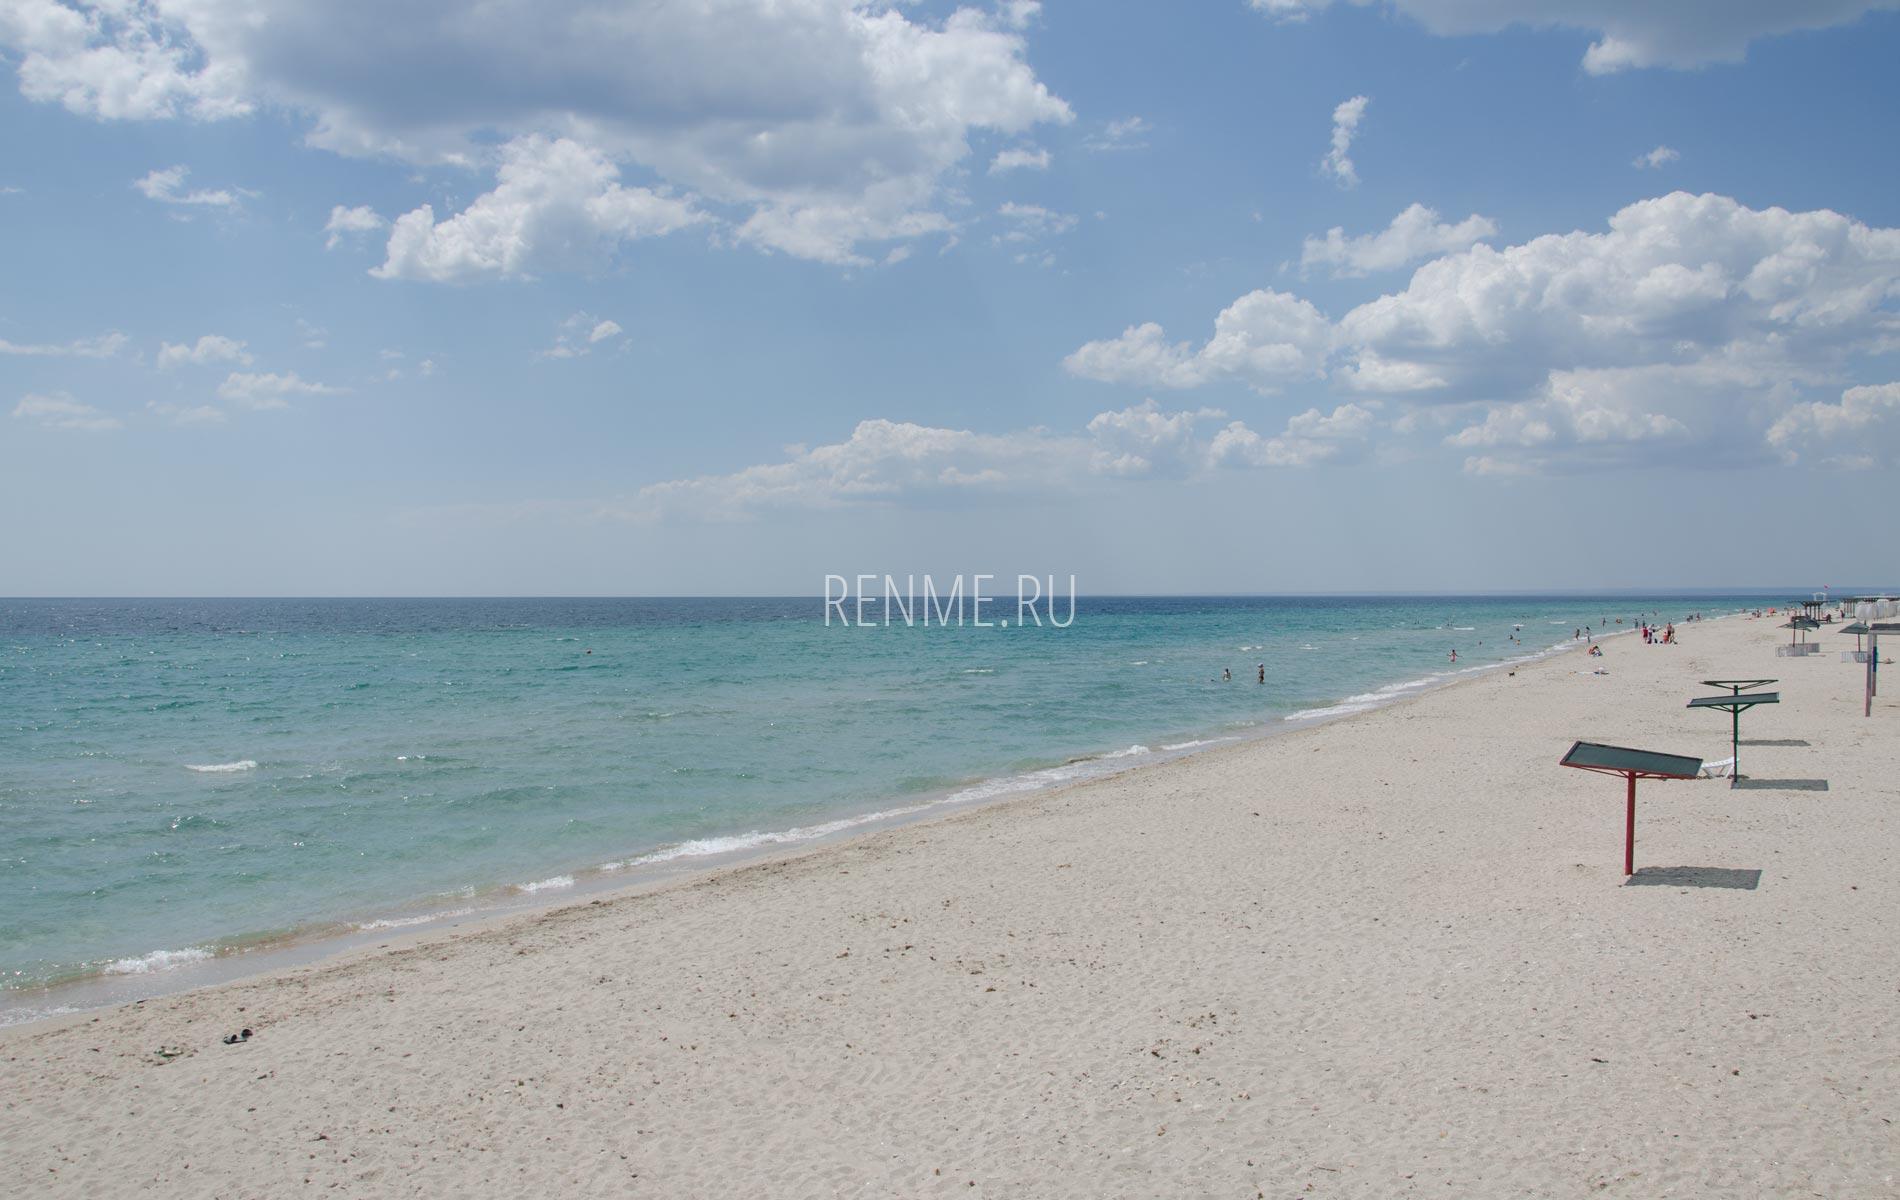 Оборудованные песчаные пляжи в сезон 2020. Фото Штормового